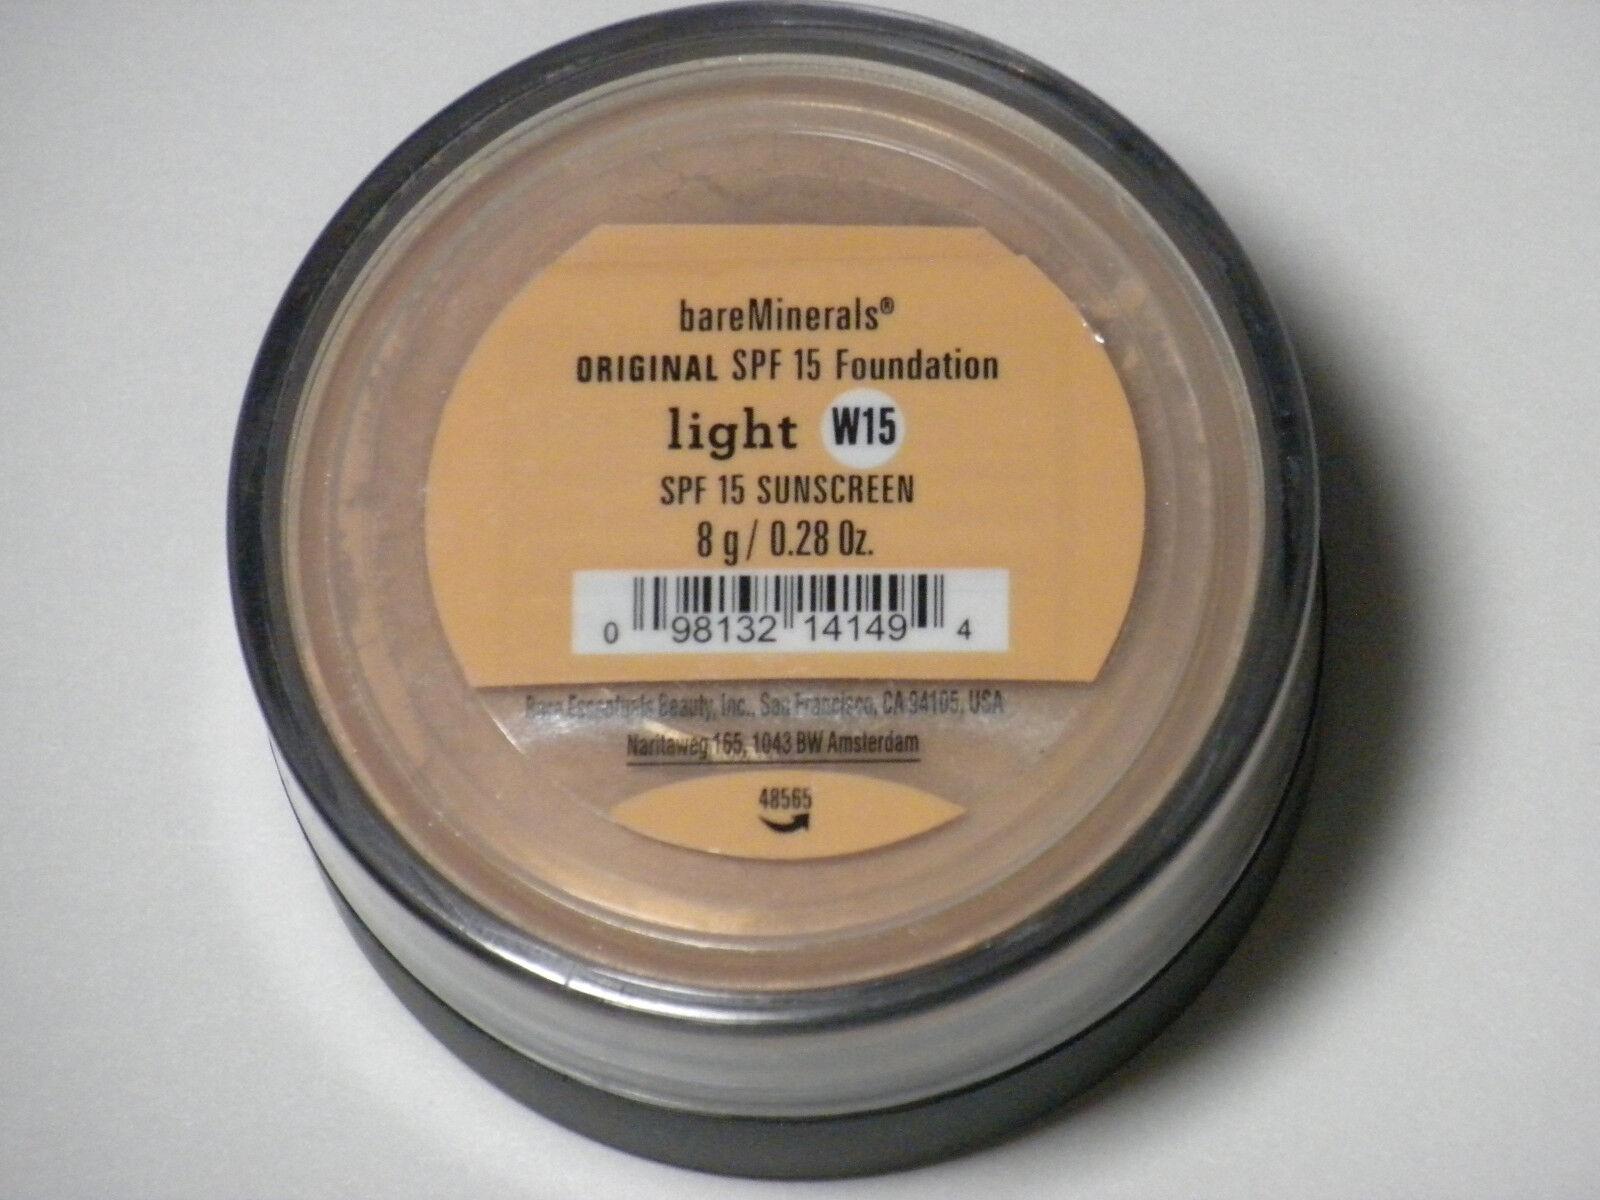 Bare Escentuals: bare Minerals Original Foundation  LIGHT